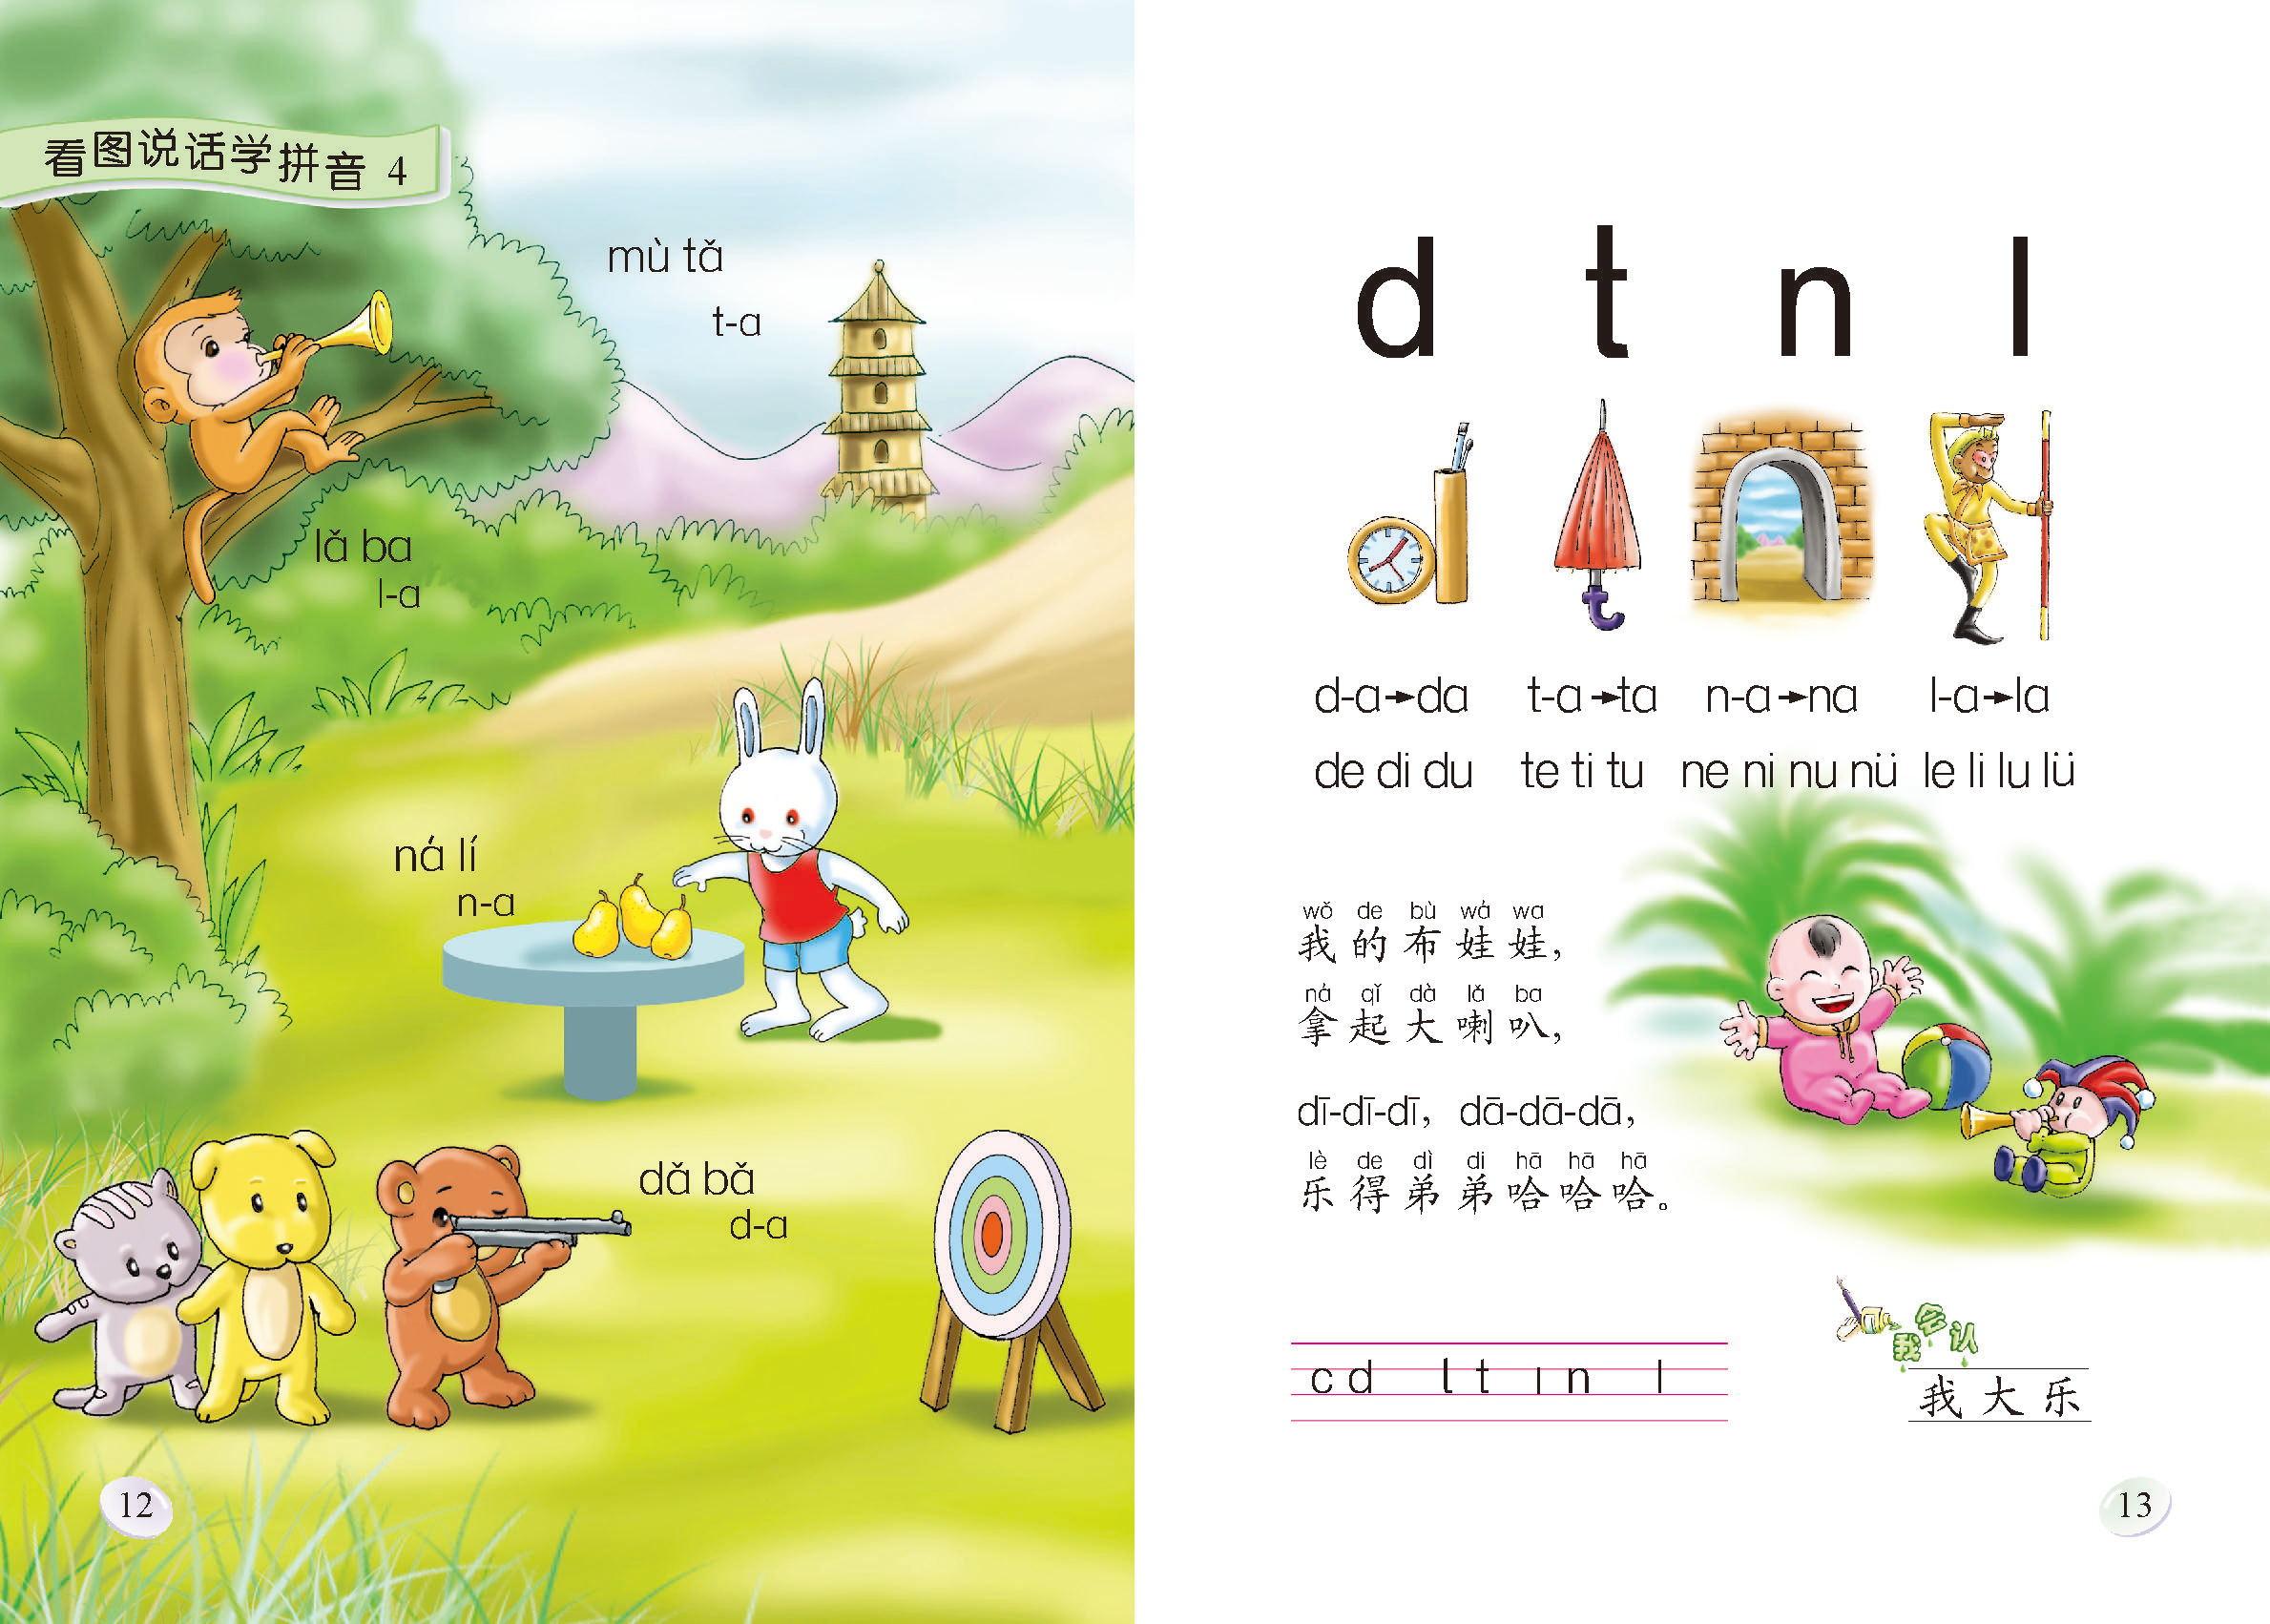 一年级语文下册看图说话,表达果(7个果实),仔细看图,图上有哪些小动物